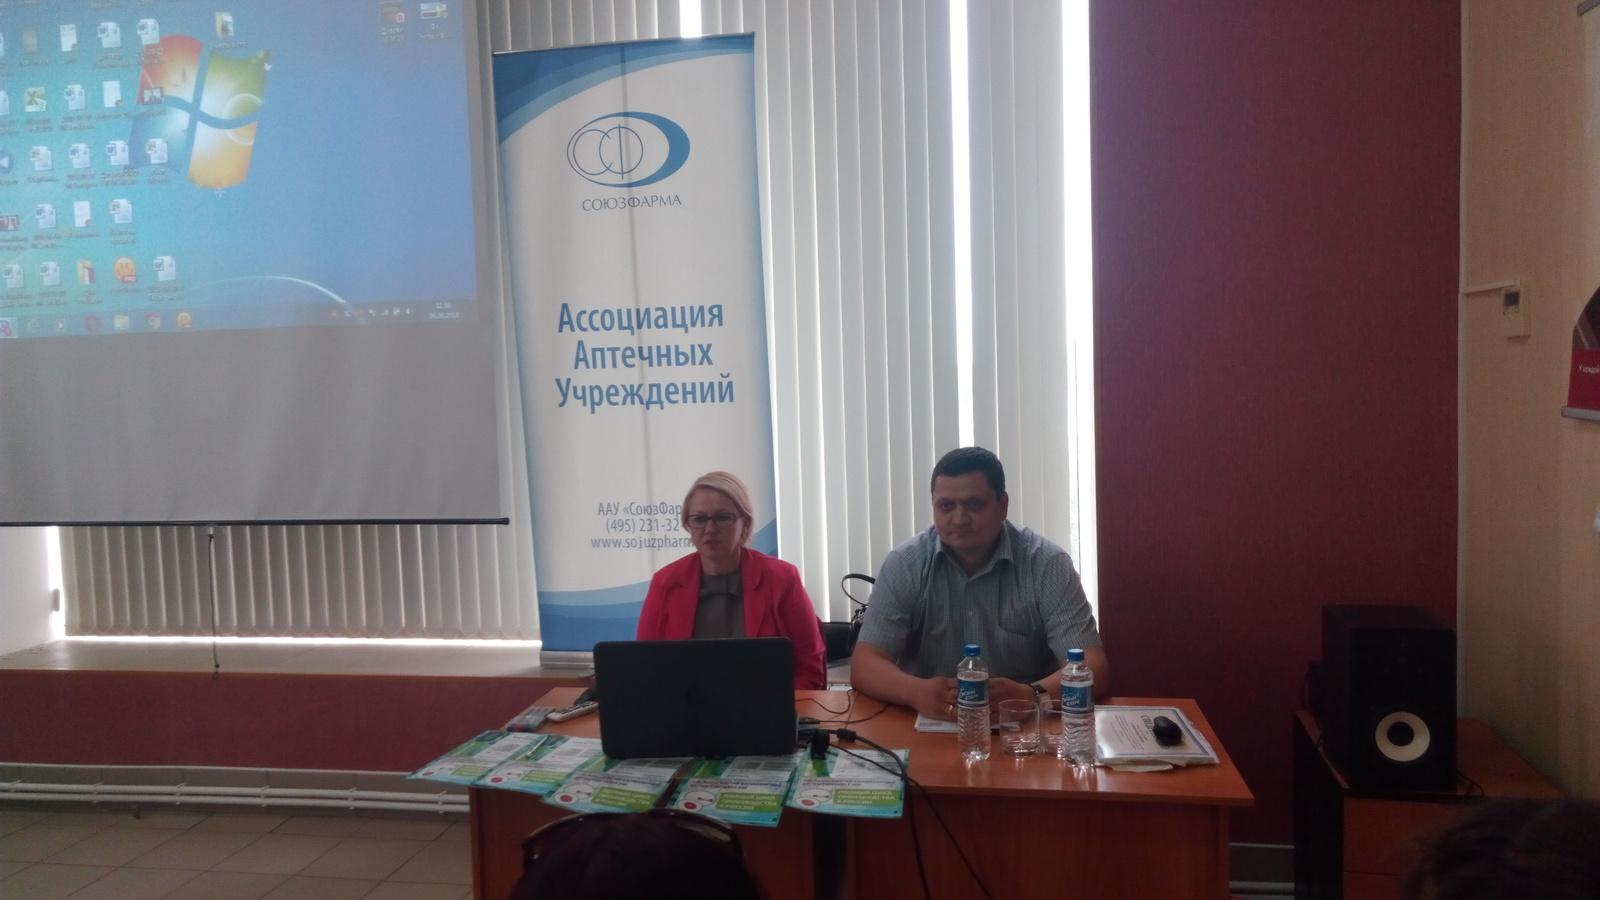 Обучающая конференция ААУ «СоюзФарма» для саратовских аптек